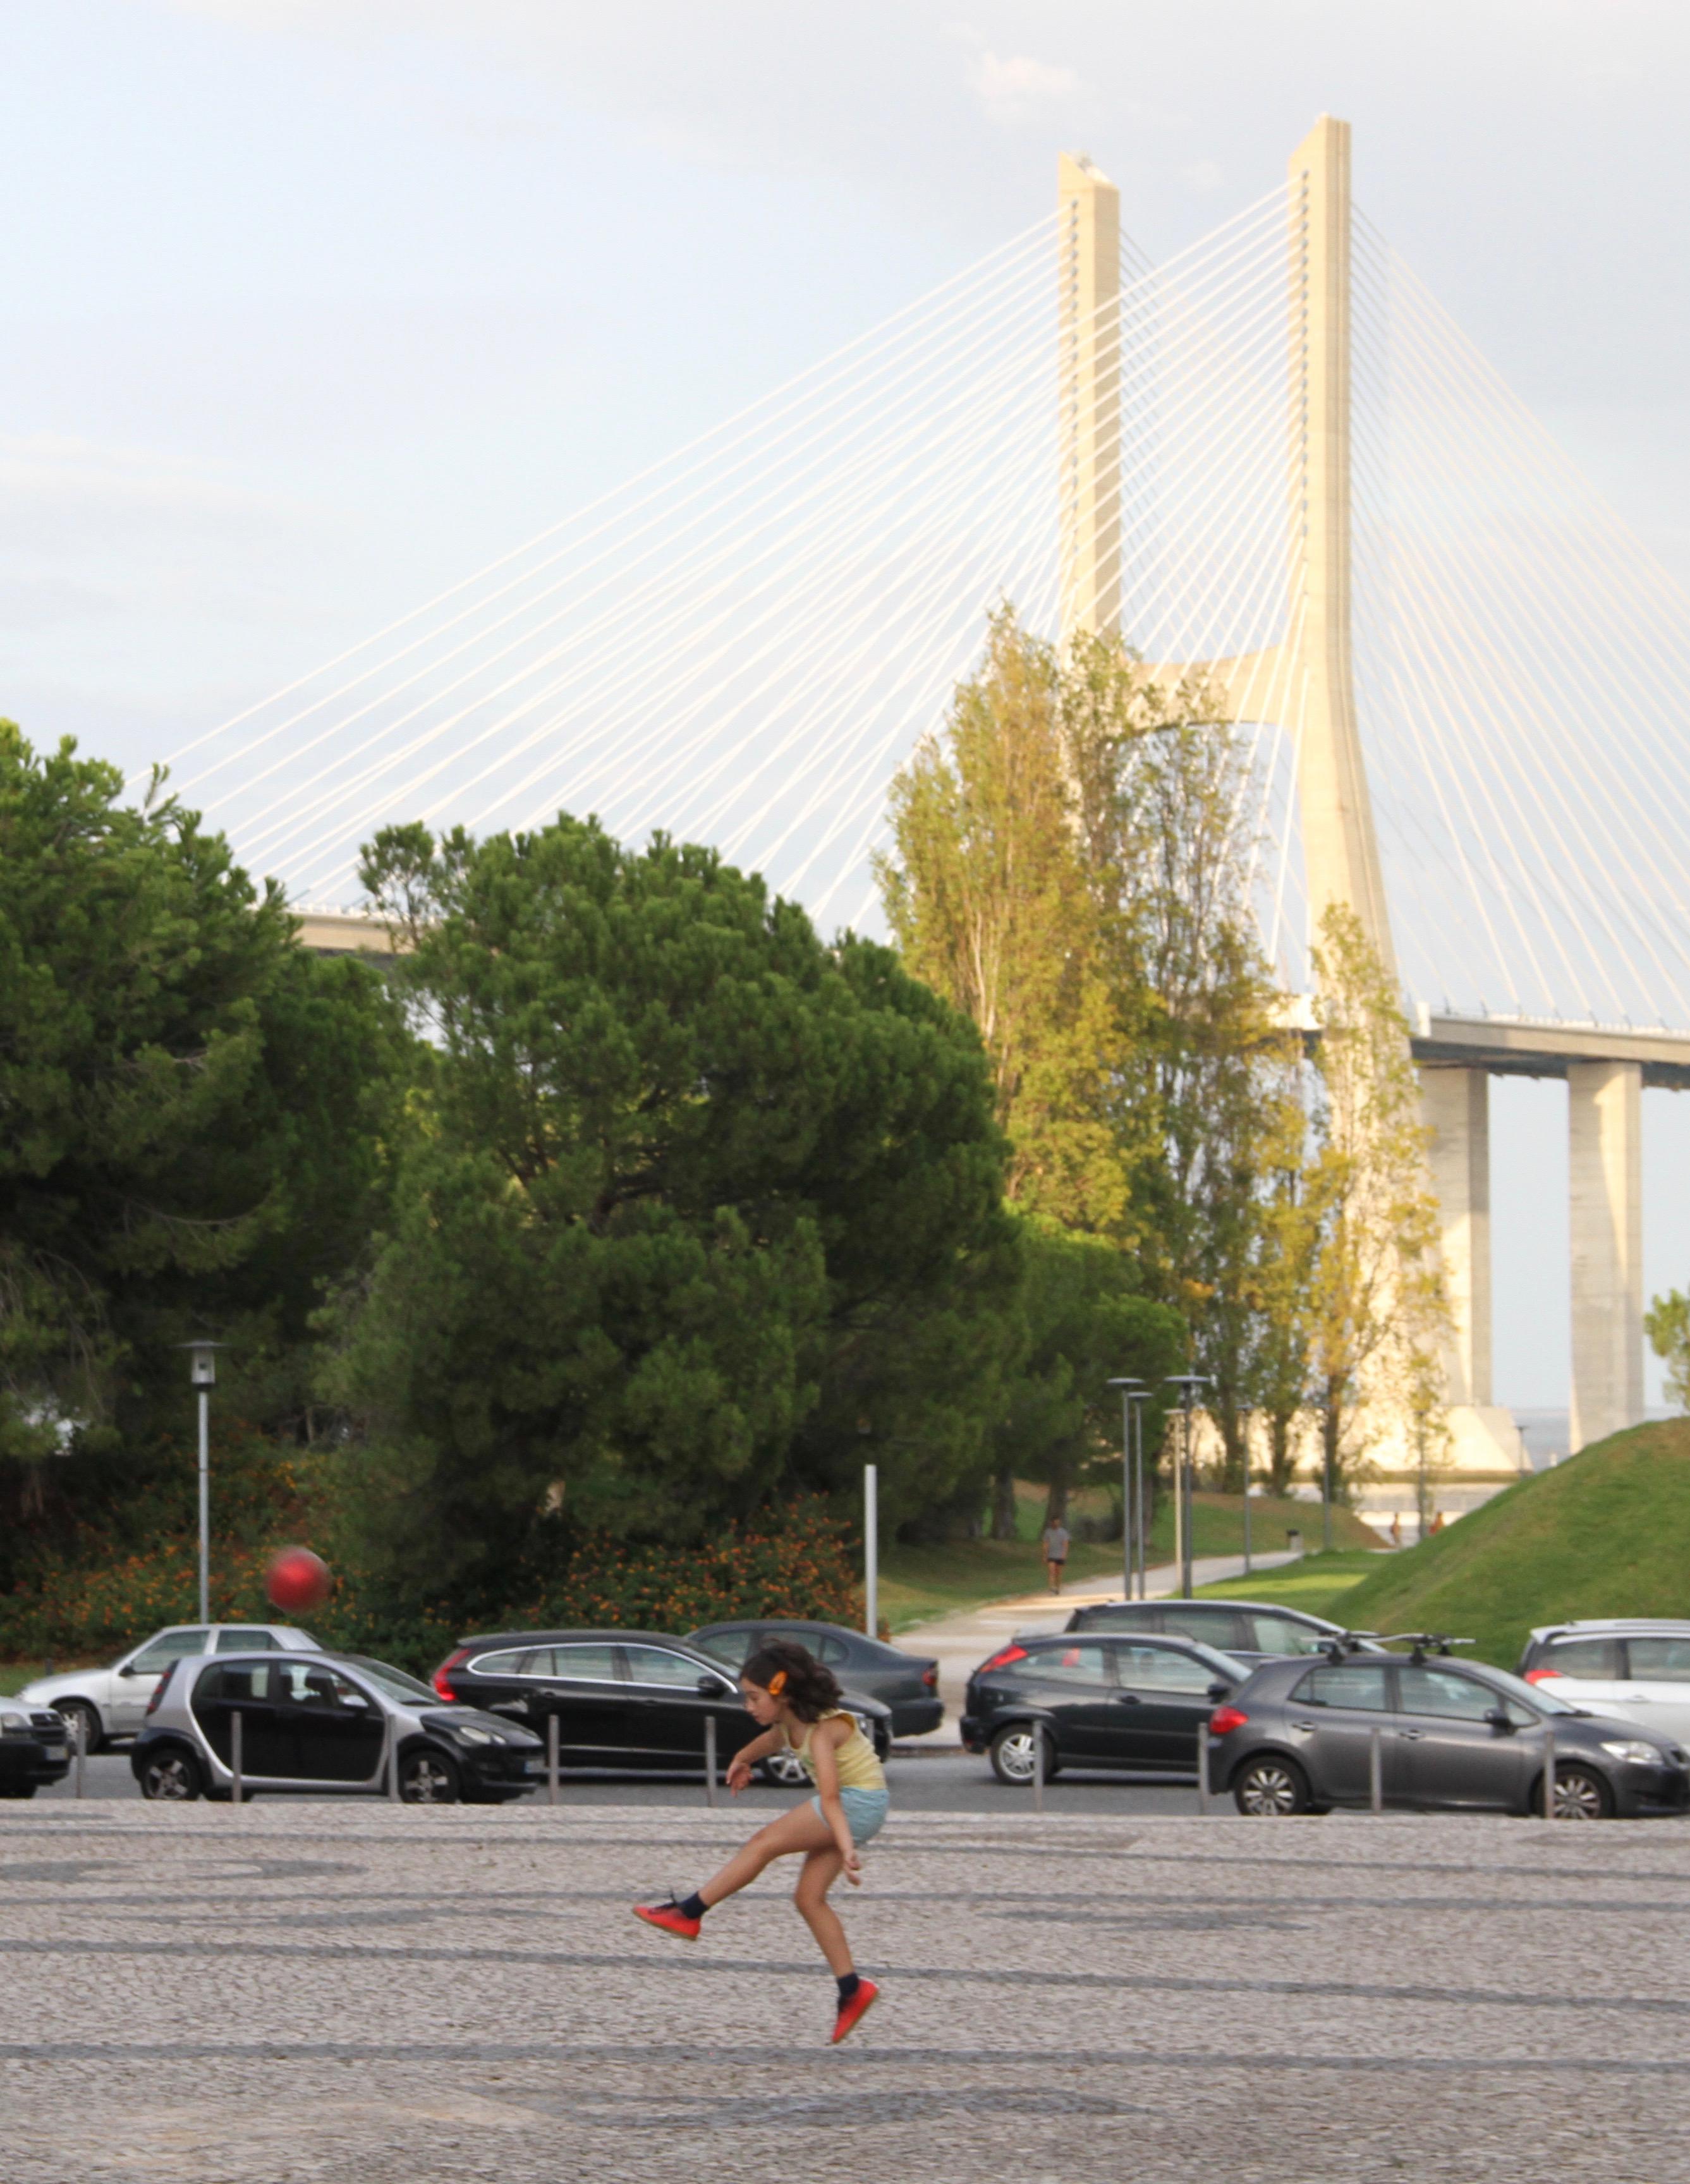 Uma menina chutando uma bola de futebol numa praça perto da Ponte Vasco da Gama sobre o Rio Tejo, no sábado, 14 de setembro de 2019.